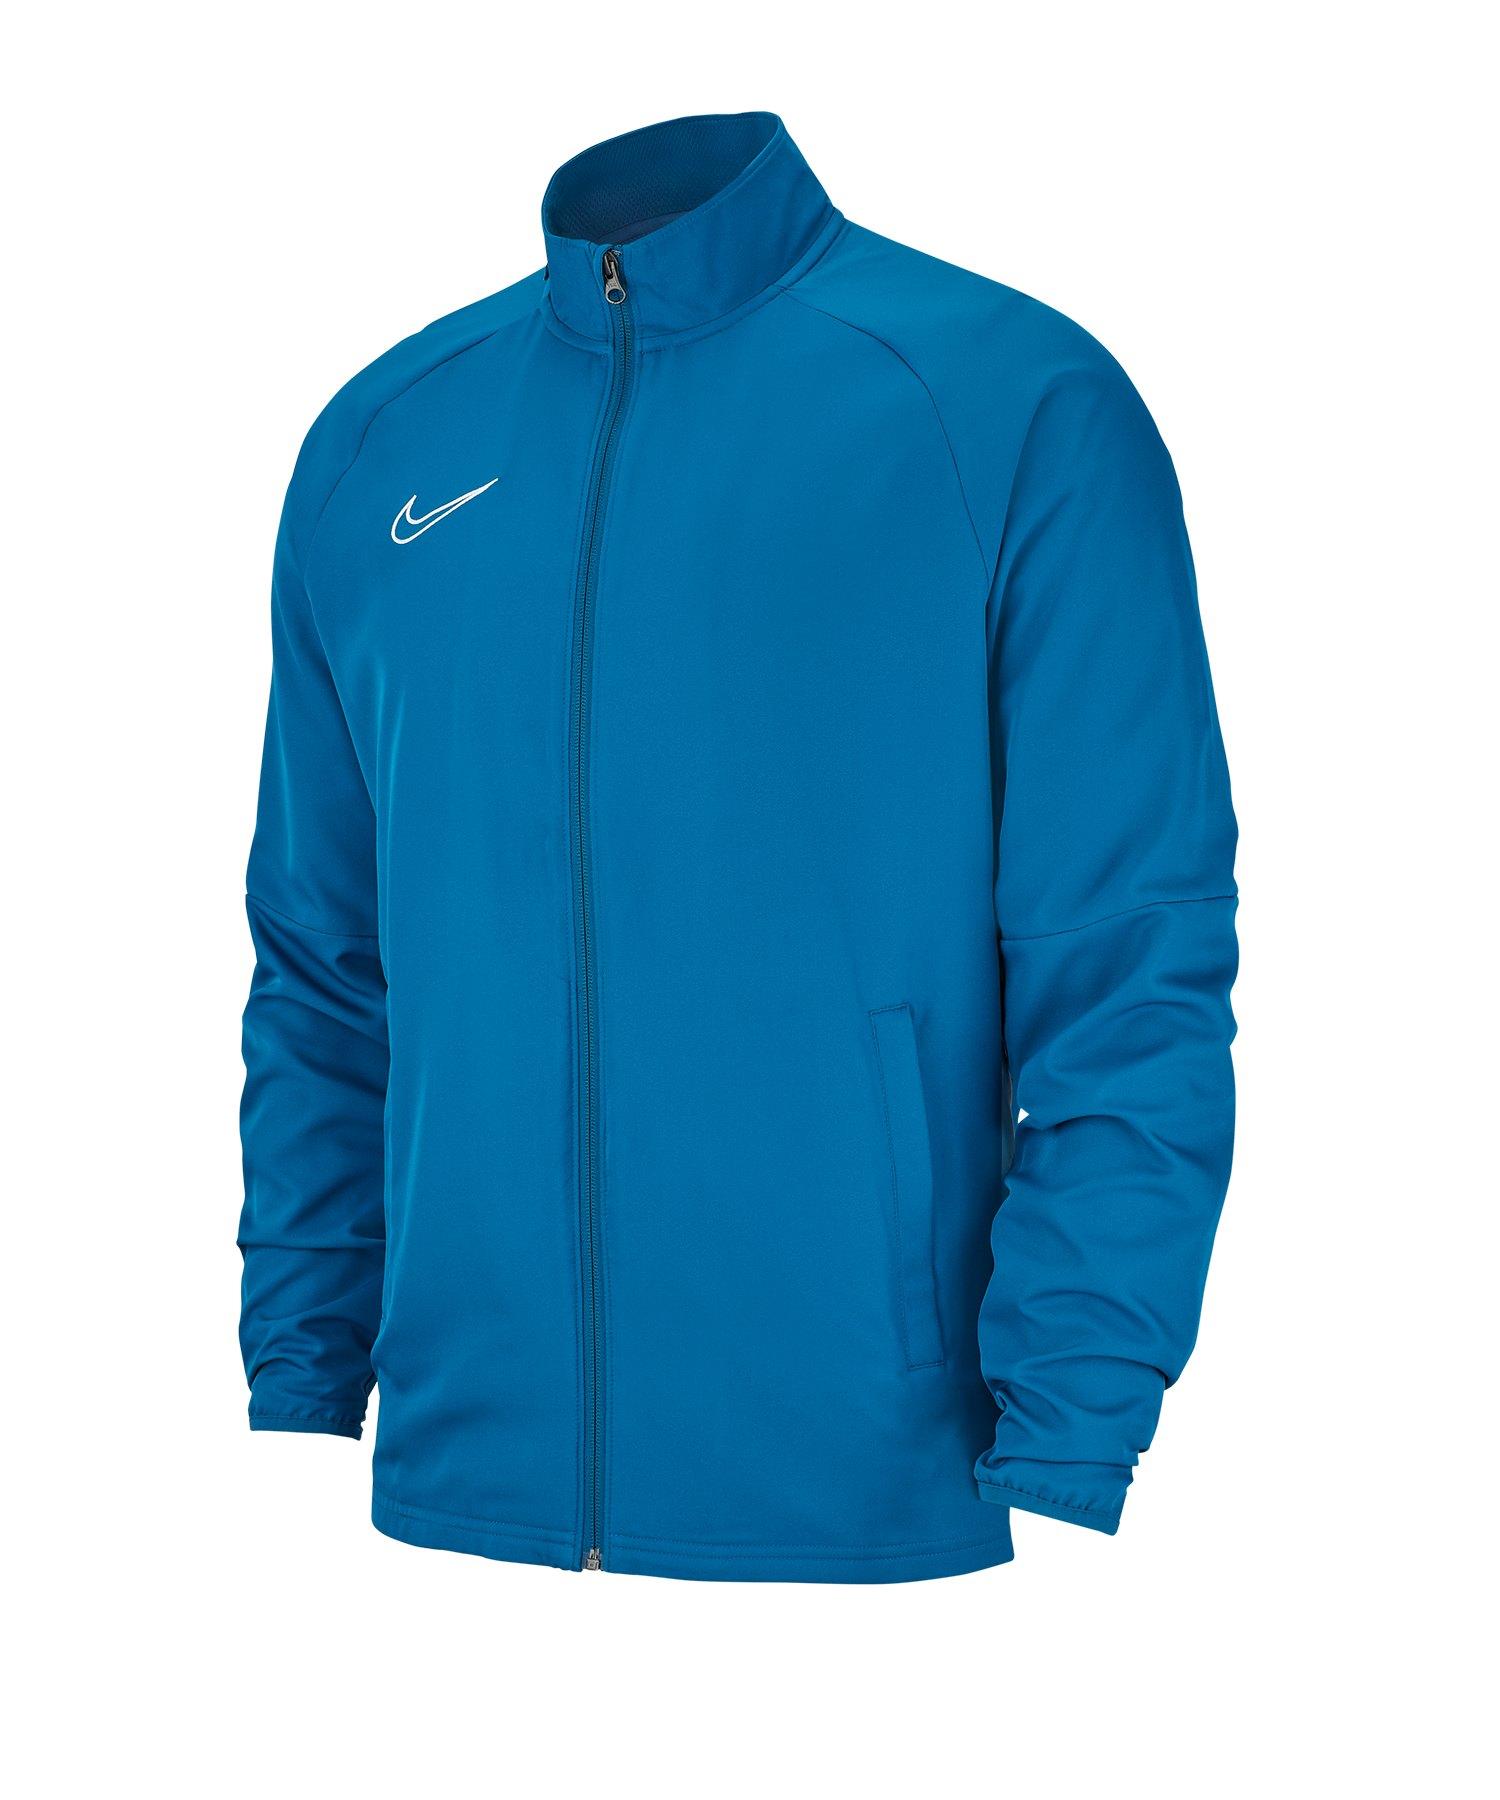 Nike Academy 19 Präsentationsjacke Kids Blau F404 - blau